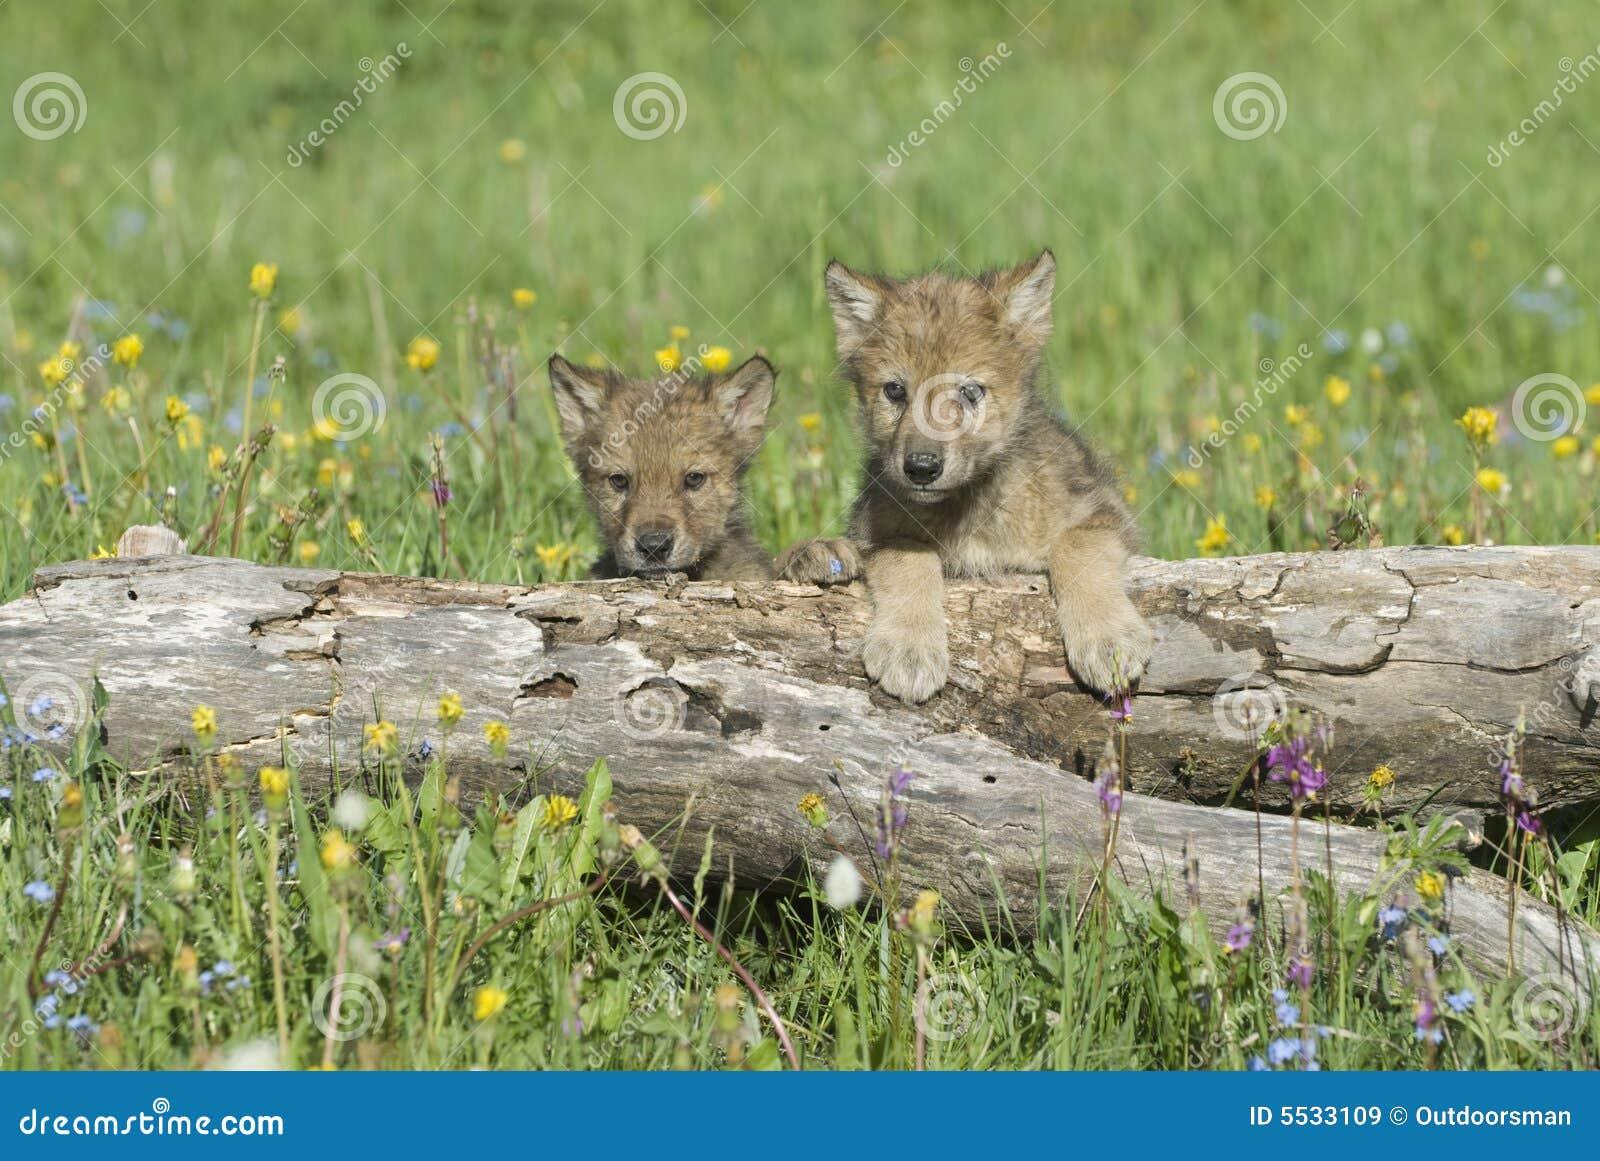 de wolven van de baby stock afbeelding afbeelding bestaande uit welpen 5533109. Black Bedroom Furniture Sets. Home Design Ideas